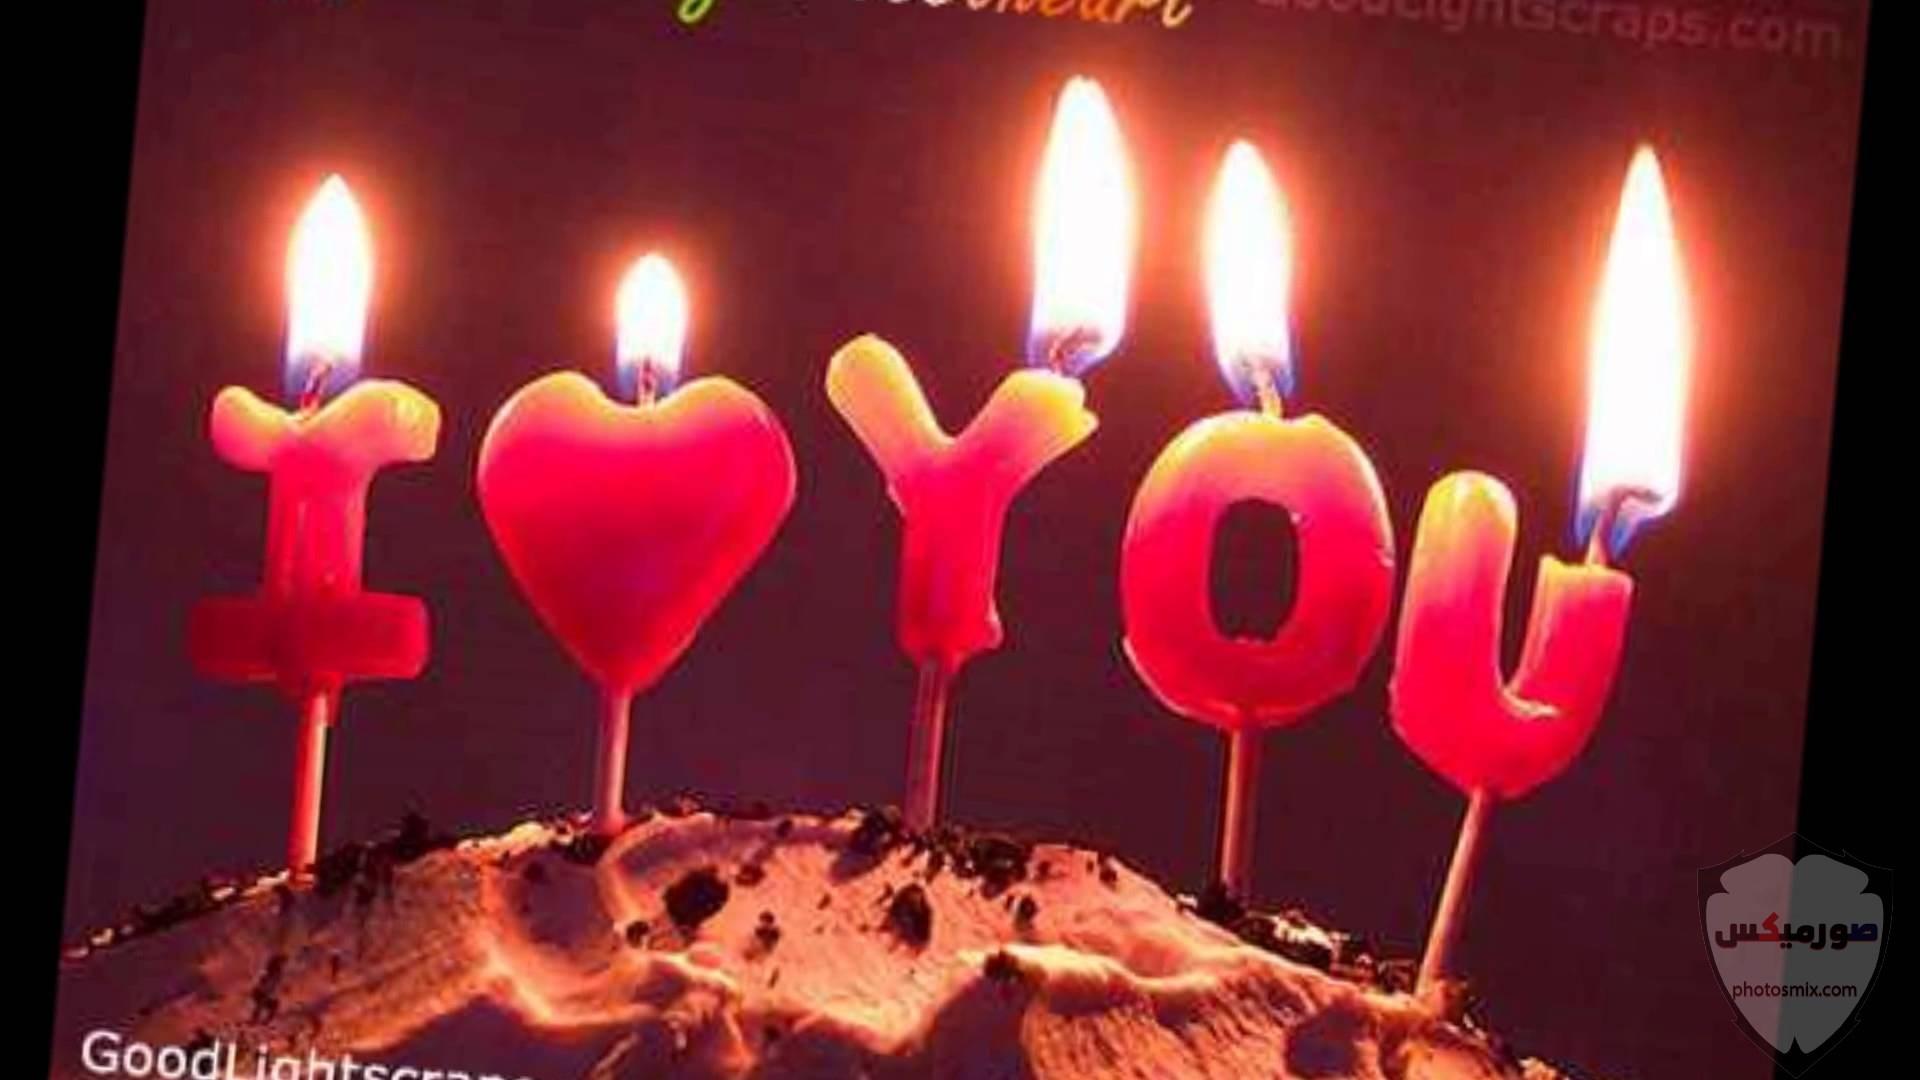 تهنئة عيد ميلاد بالانجليزي 13